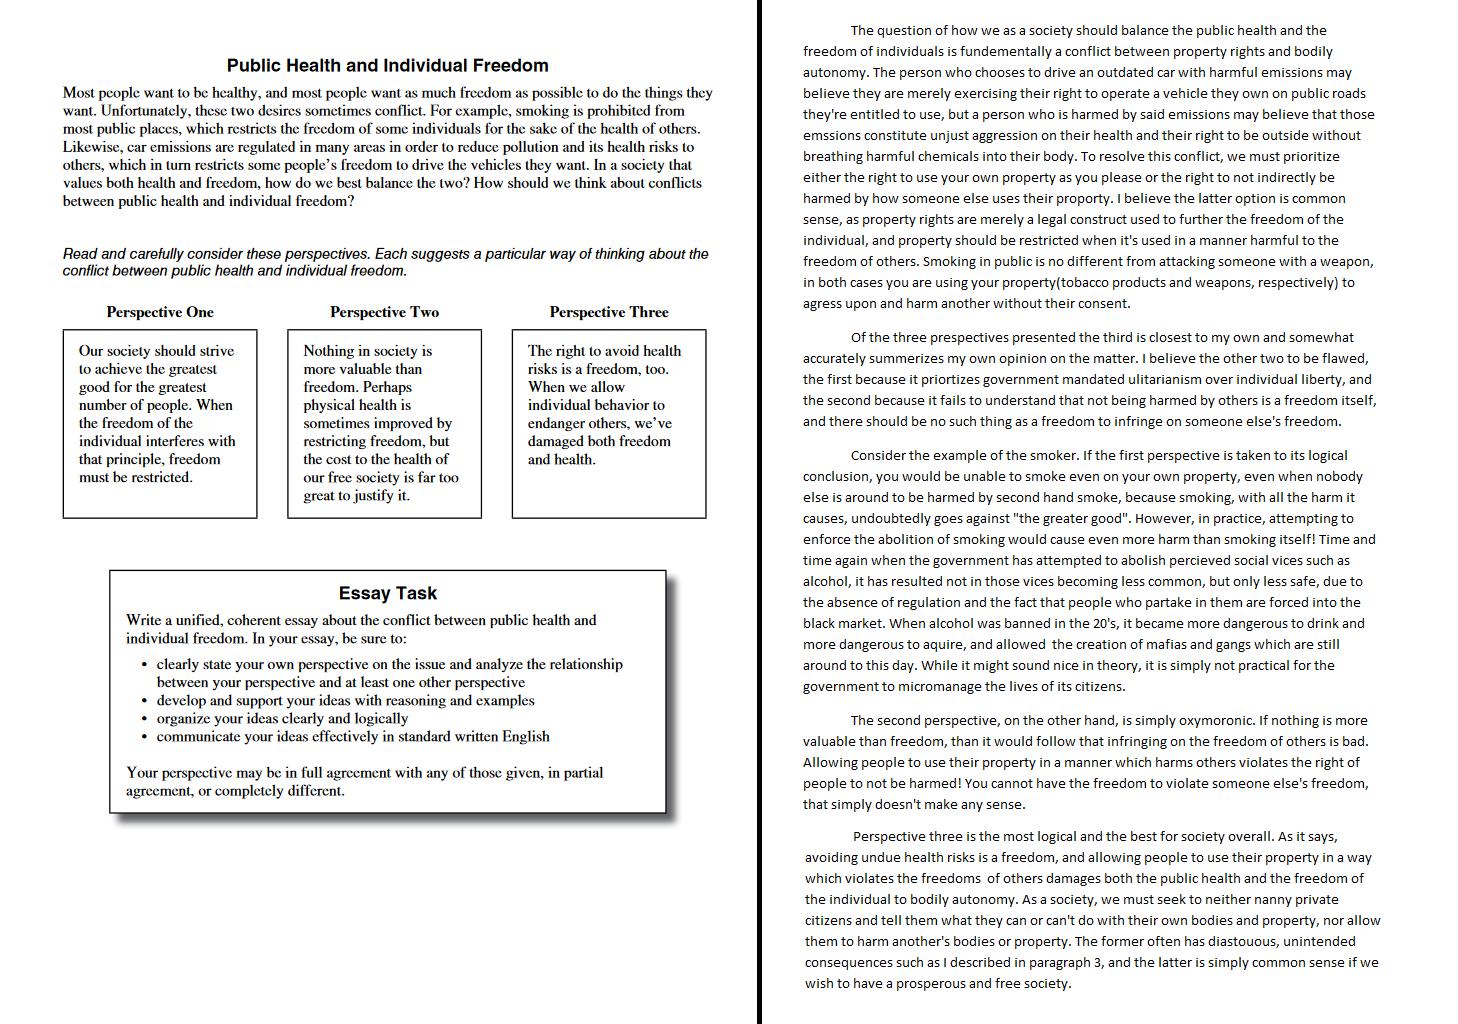 012 Grade My Essay Example Amazing College Sat Calculator Full